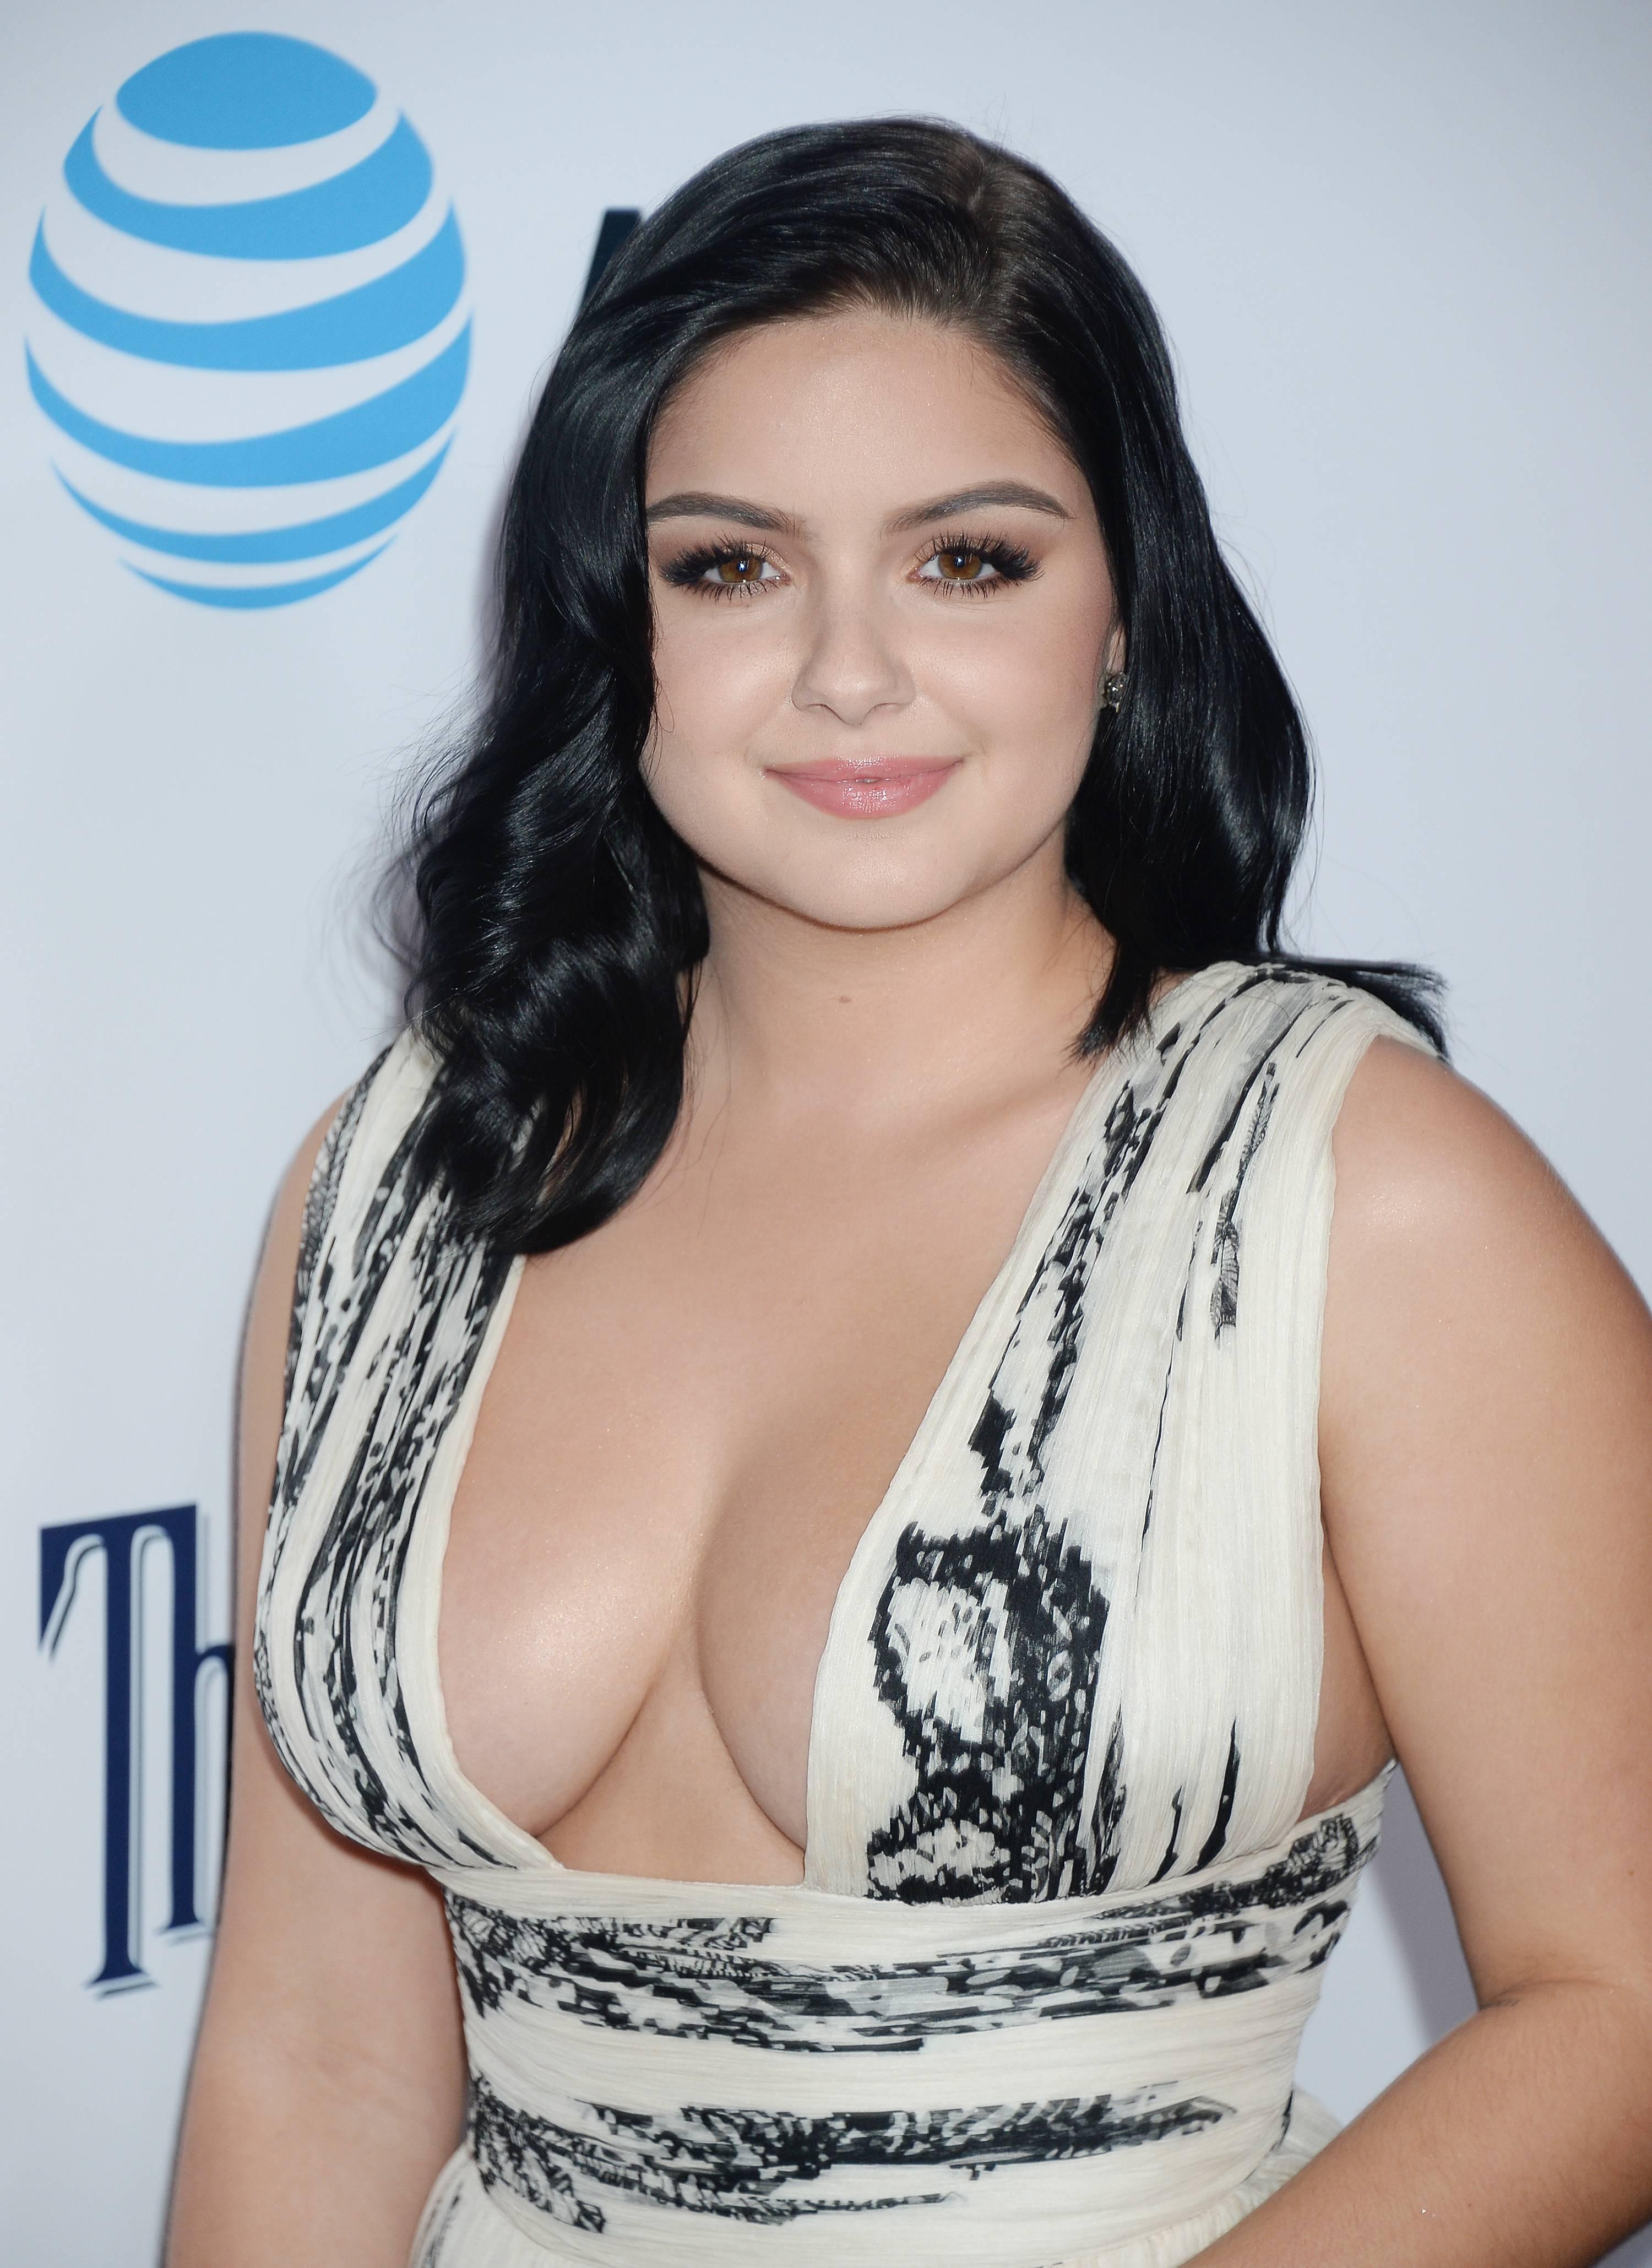 Ariel Winter hot boobs